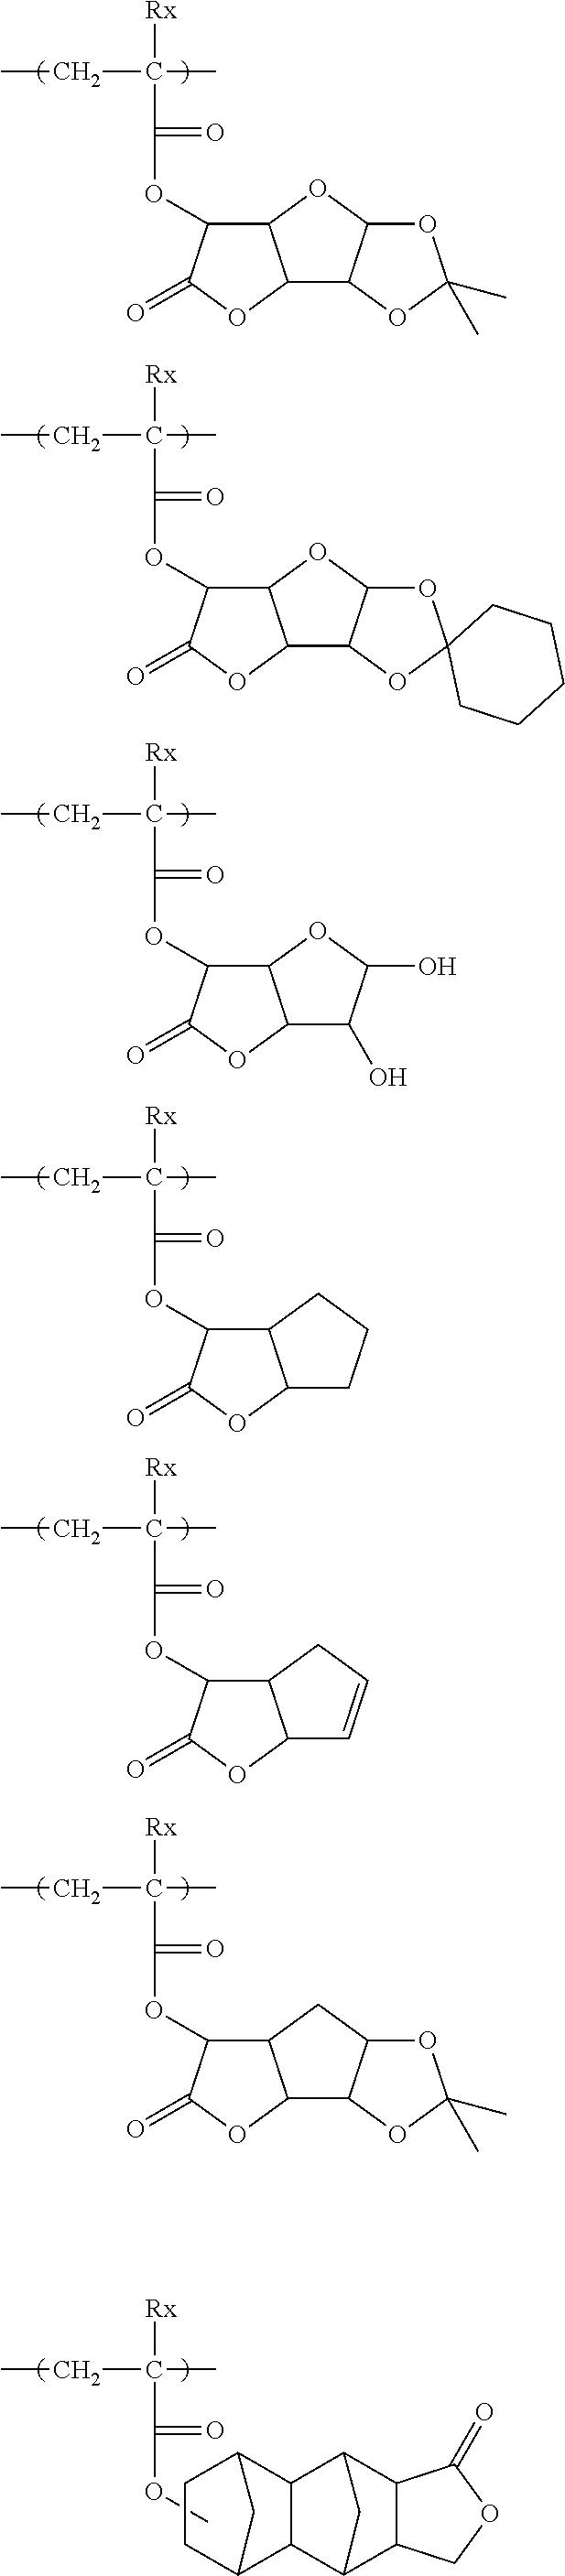 Figure US20110183258A1-20110728-C00047